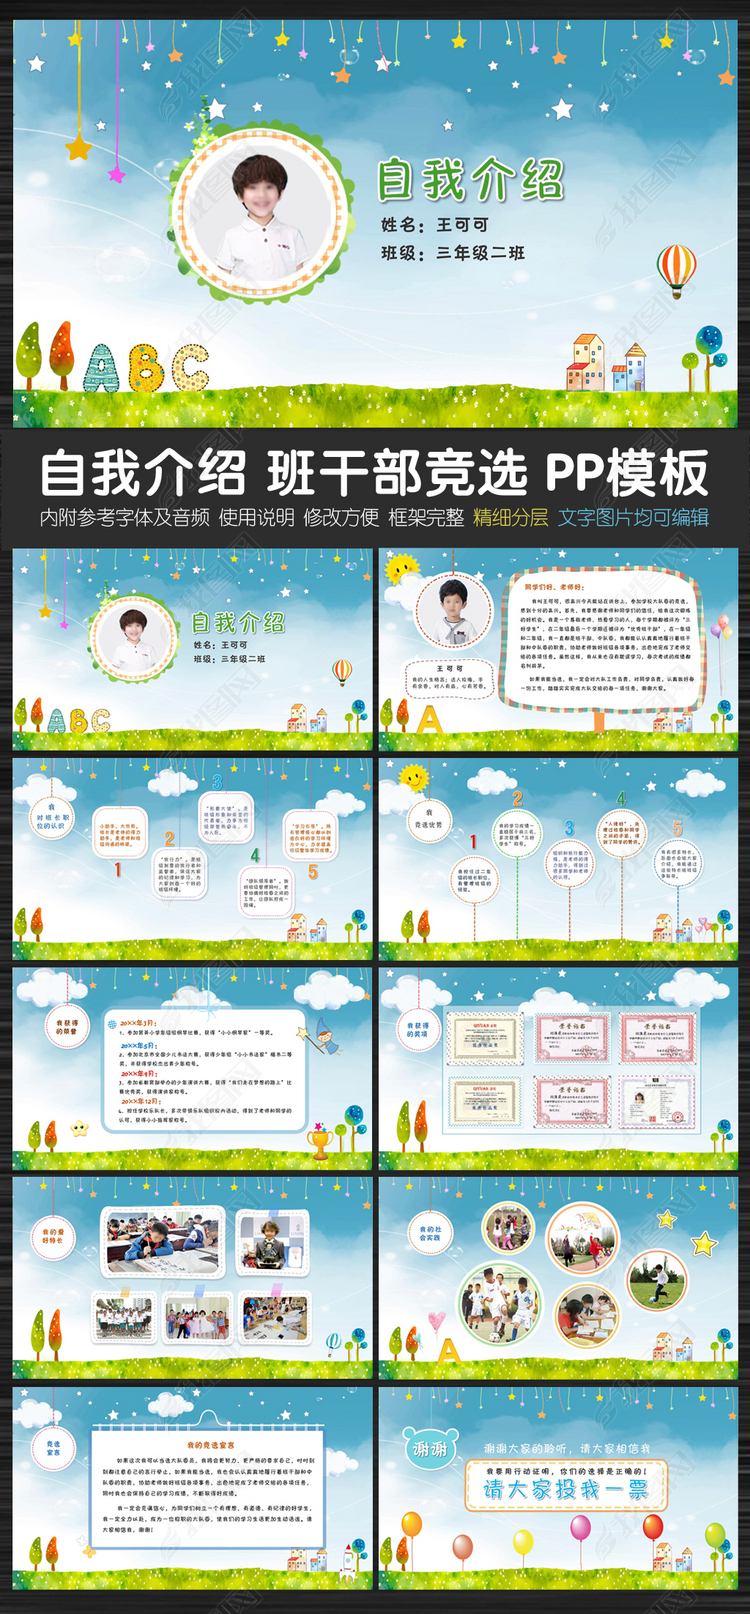 小学生自我介绍班干部竞选PPT模板